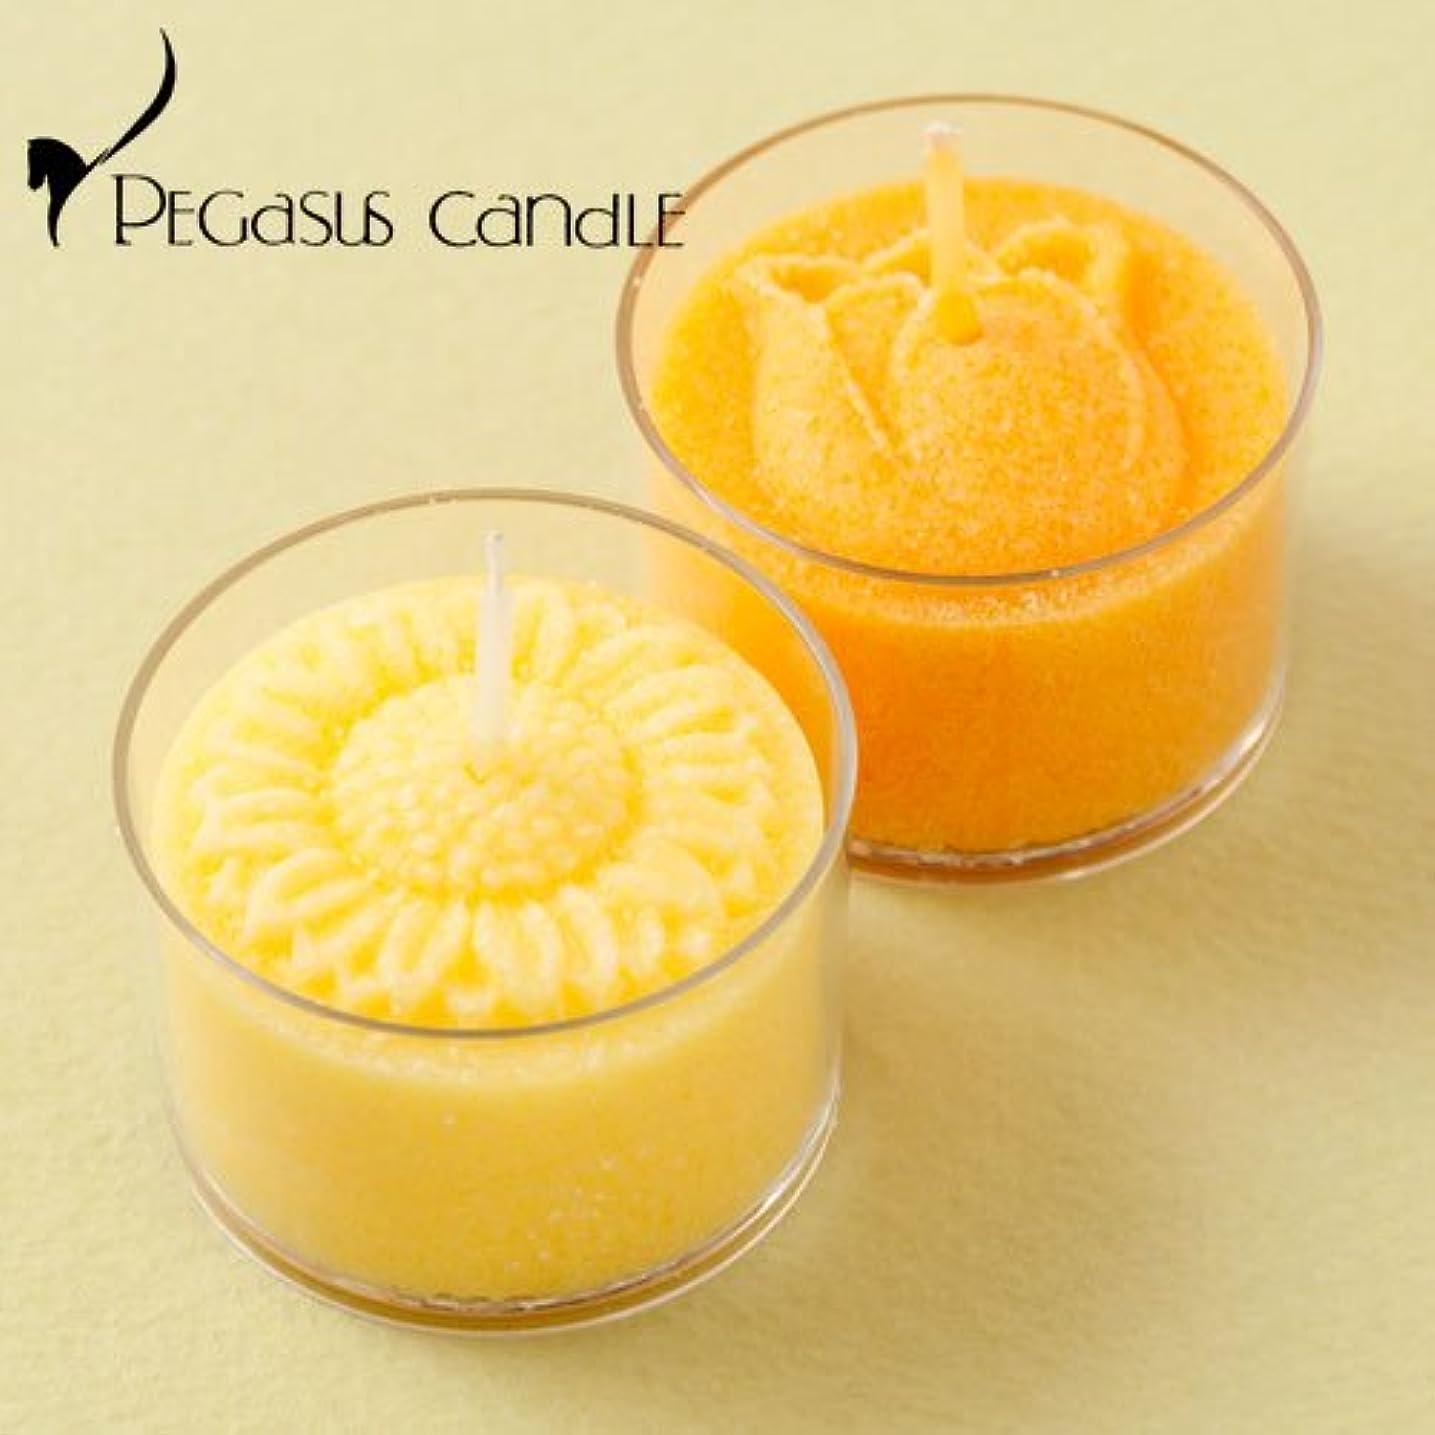 マラウイキャップ尊厳花暦ヒマワリ?チューリップ花の形のキャンドル2個セット(無香タイプ)ペガサスキャンドルFlower shaped candle